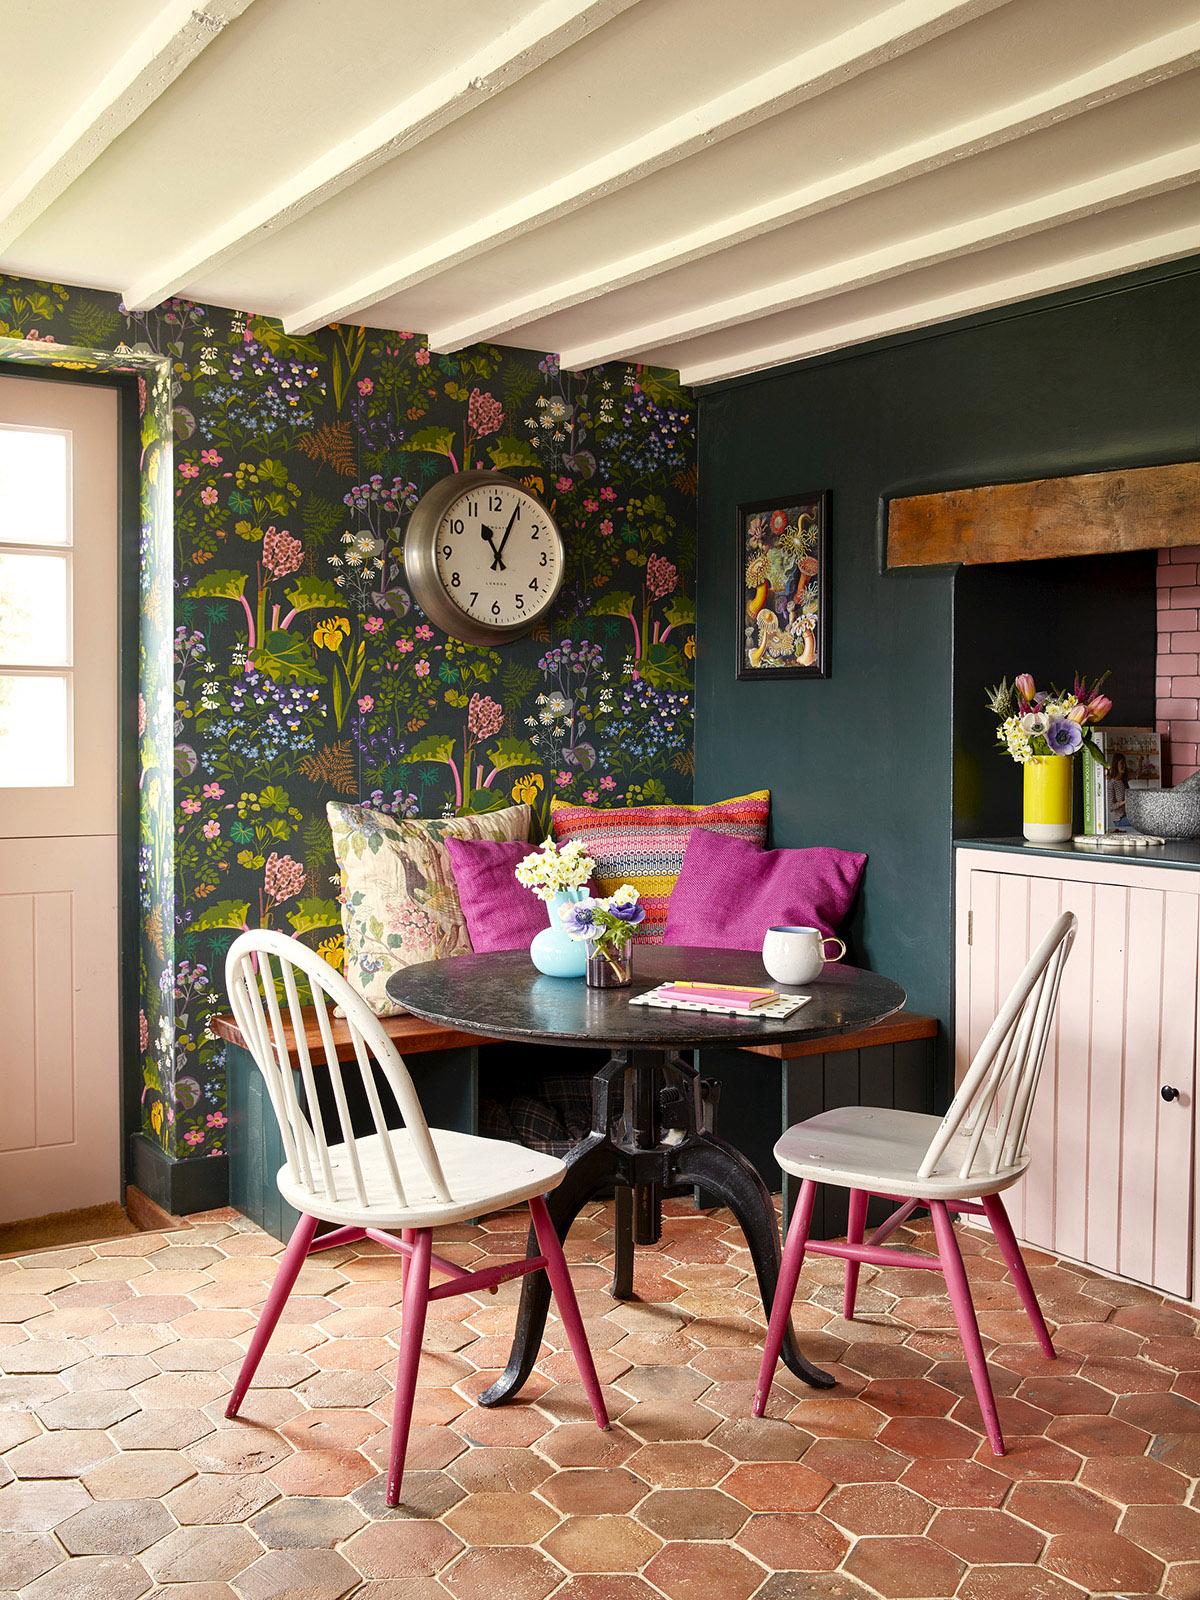 patterned kitchen design